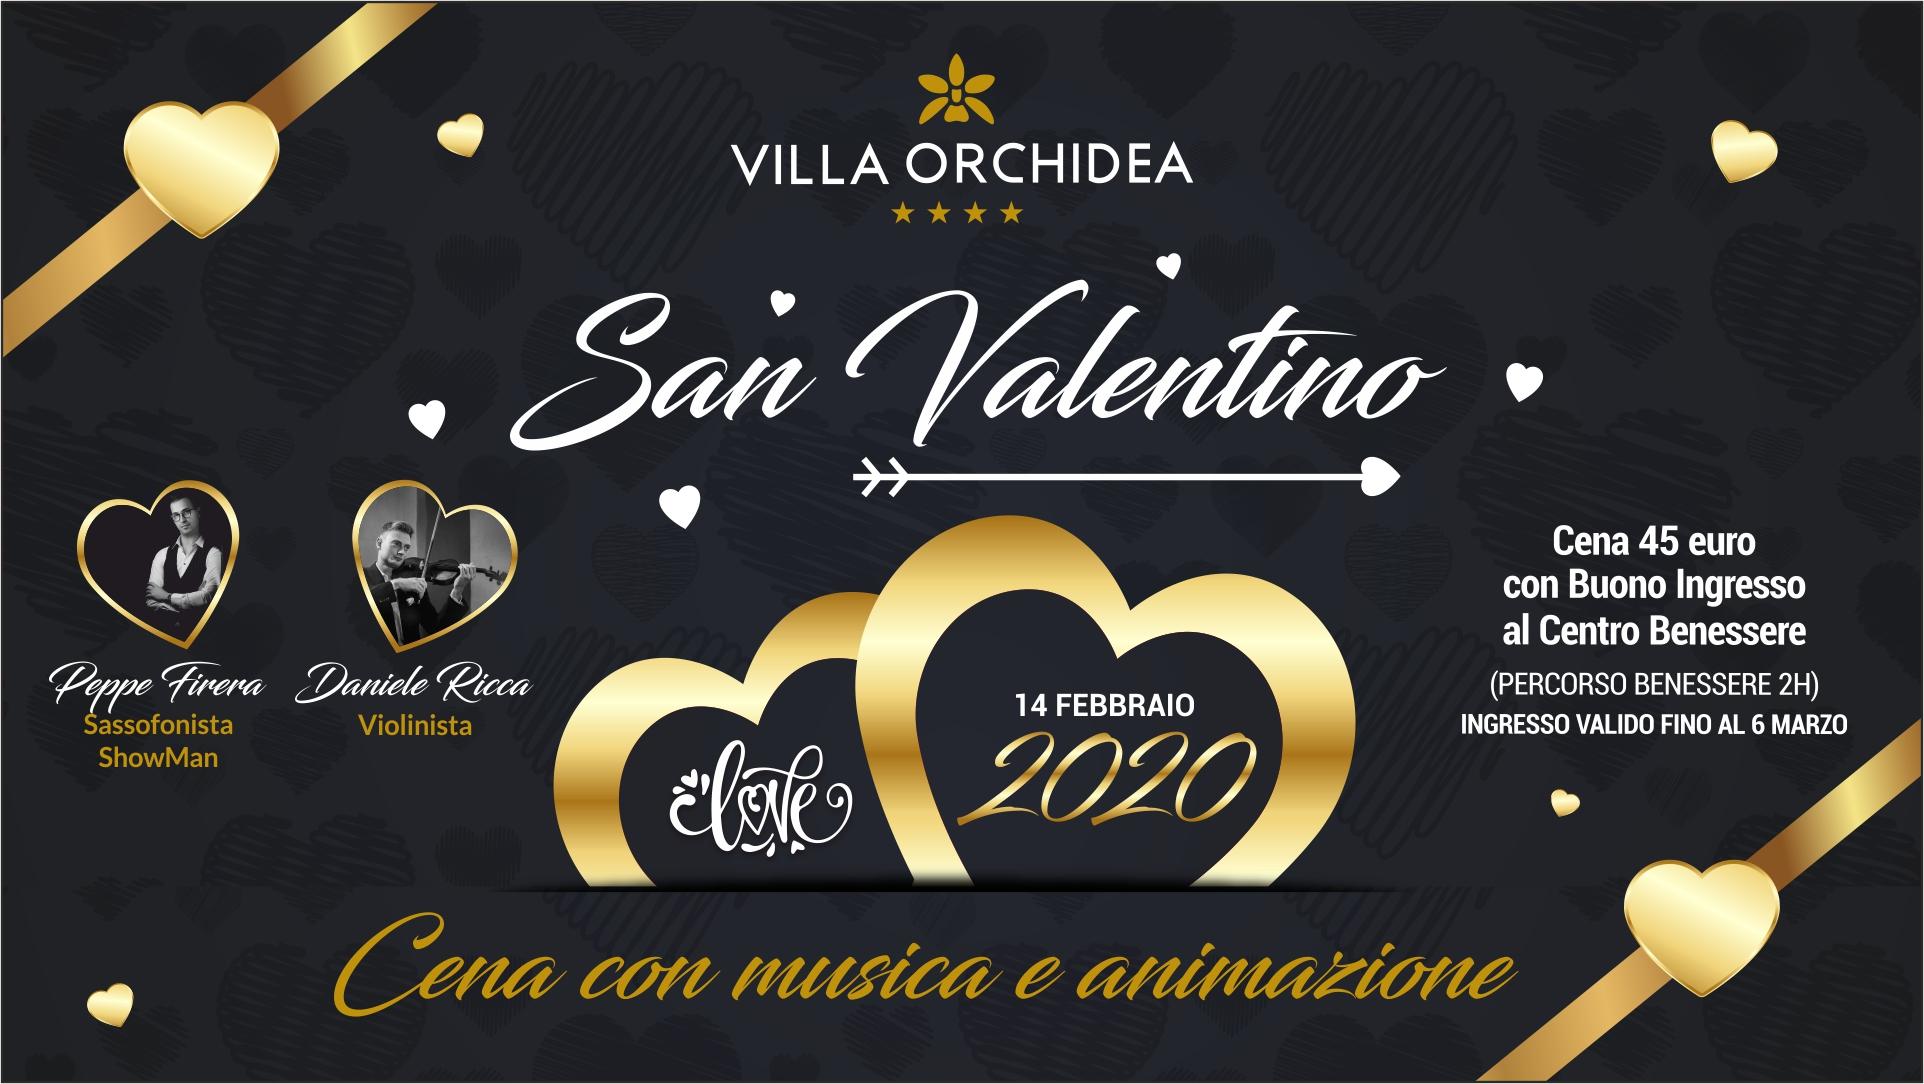 San Valentino 2020 a Villa Orchidea